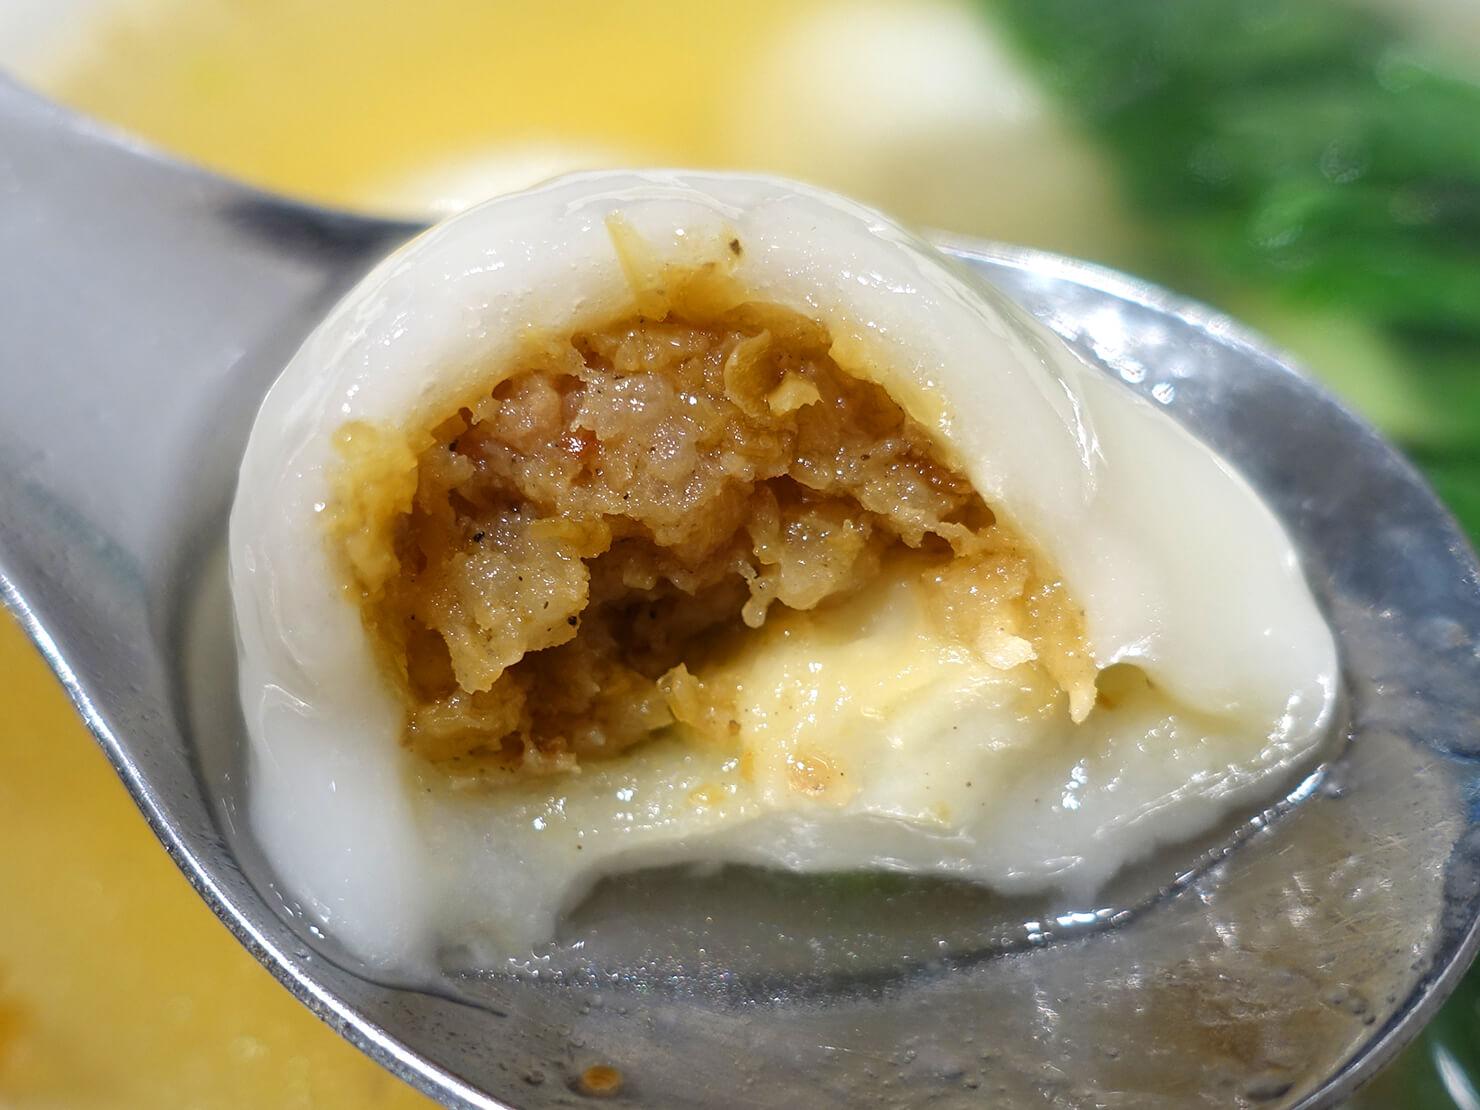 台北・臨江街夜市のおすすめグルメ店「蘇媽媽湯圓」の鮮肉湯圓クローズアップ